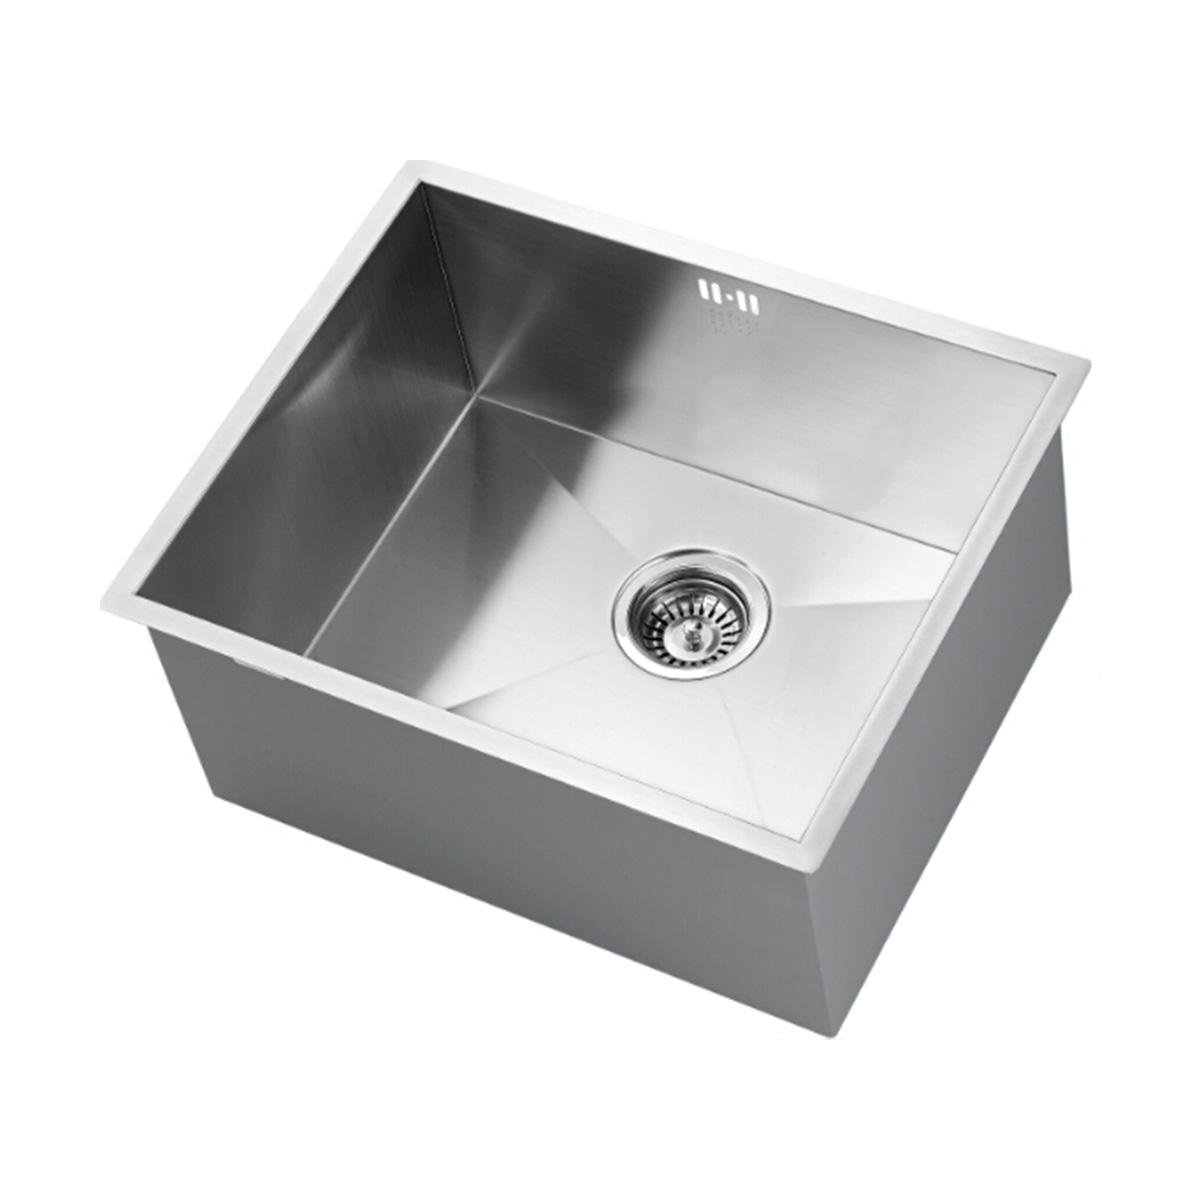 1810 Company Zenuno 500u Deep Kitchen Sink Sinks Taps Com